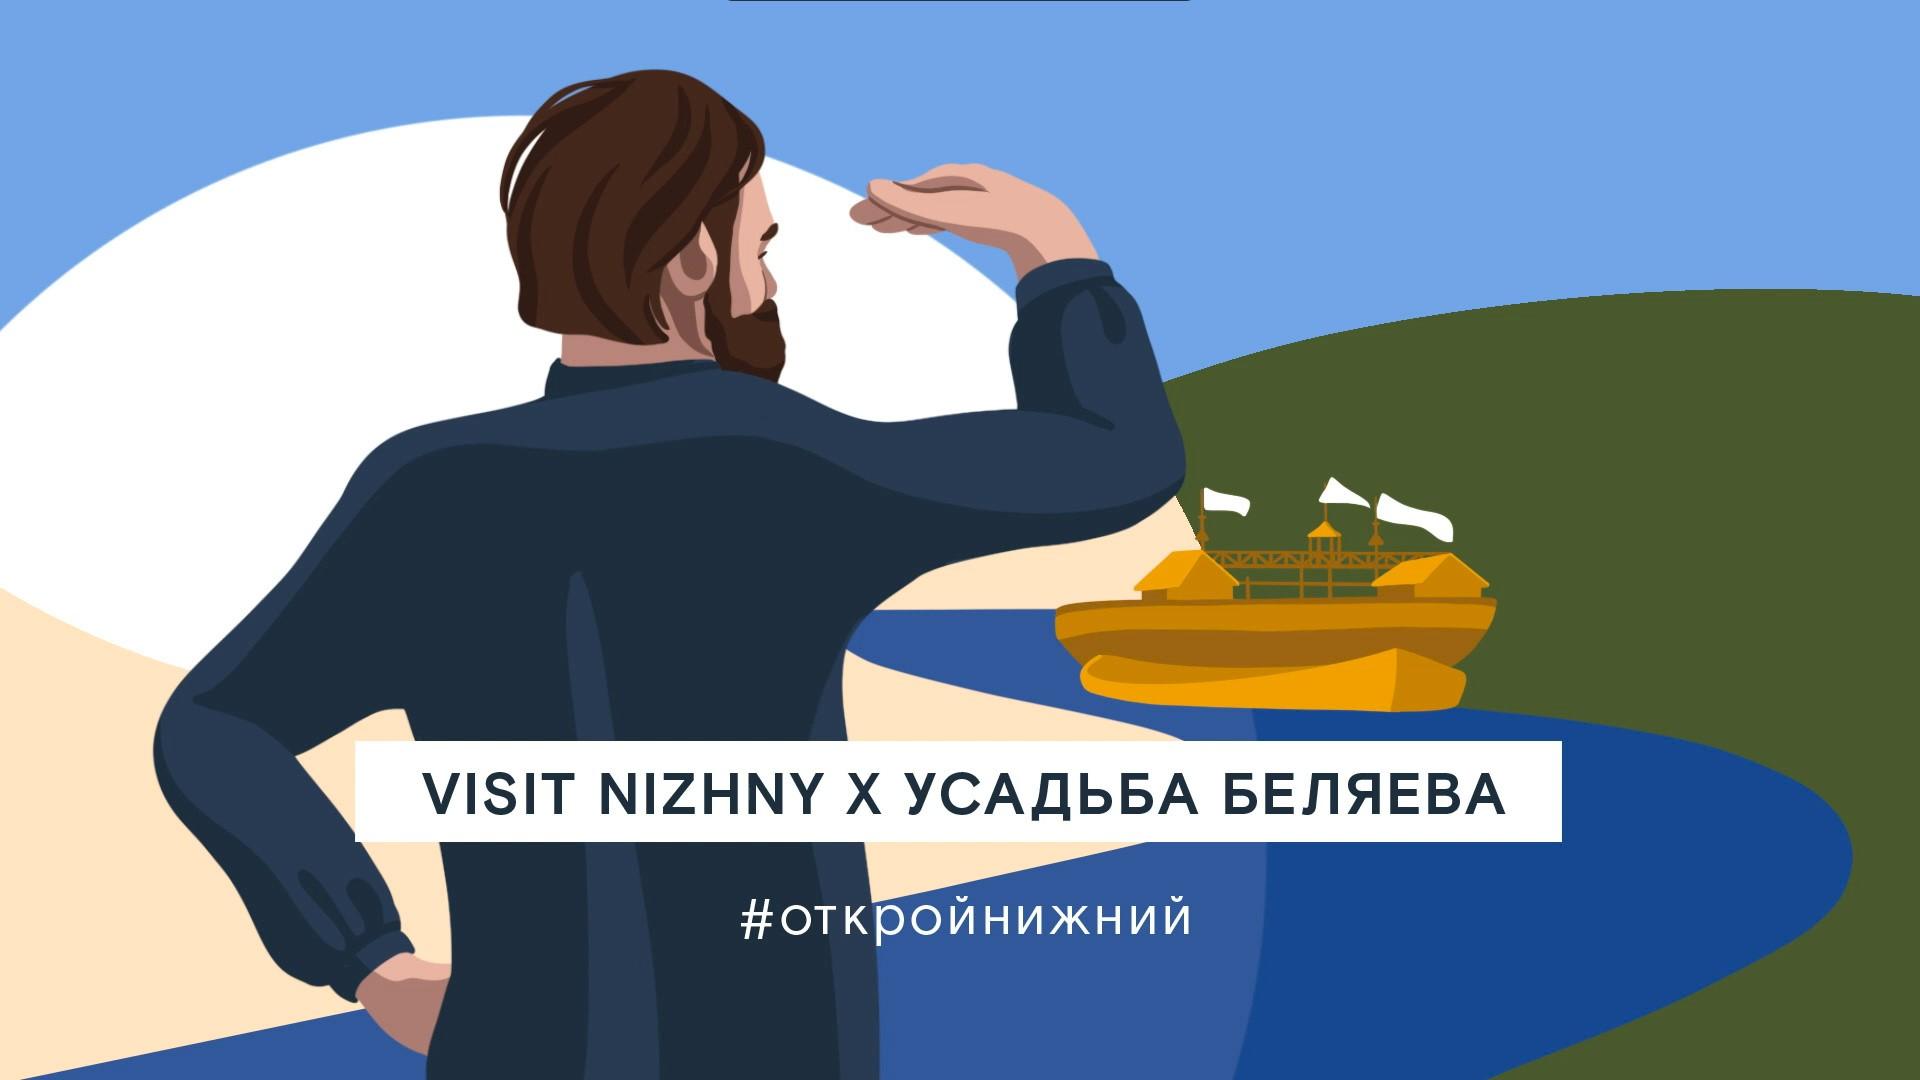 Посетить усадьбу Беляева в Воскресенском районе Нижегородской области теперь можно онлайн